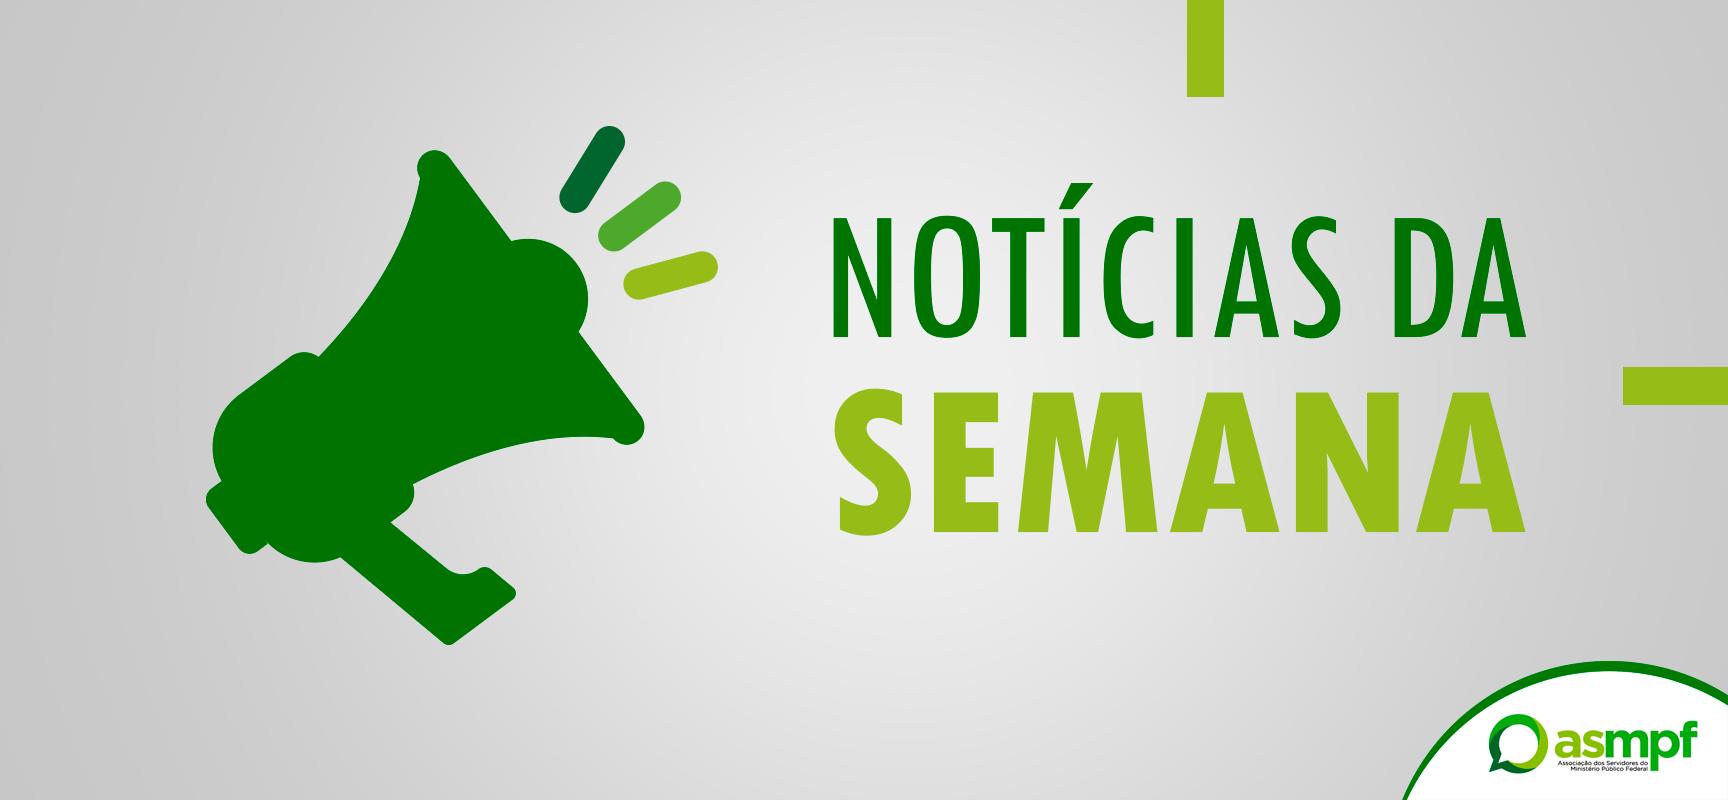 Confira As Últimas Notícias Da Asmpf.   Asmpf Logo Png - Asmpf, Transparent background PNG HD thumbnail